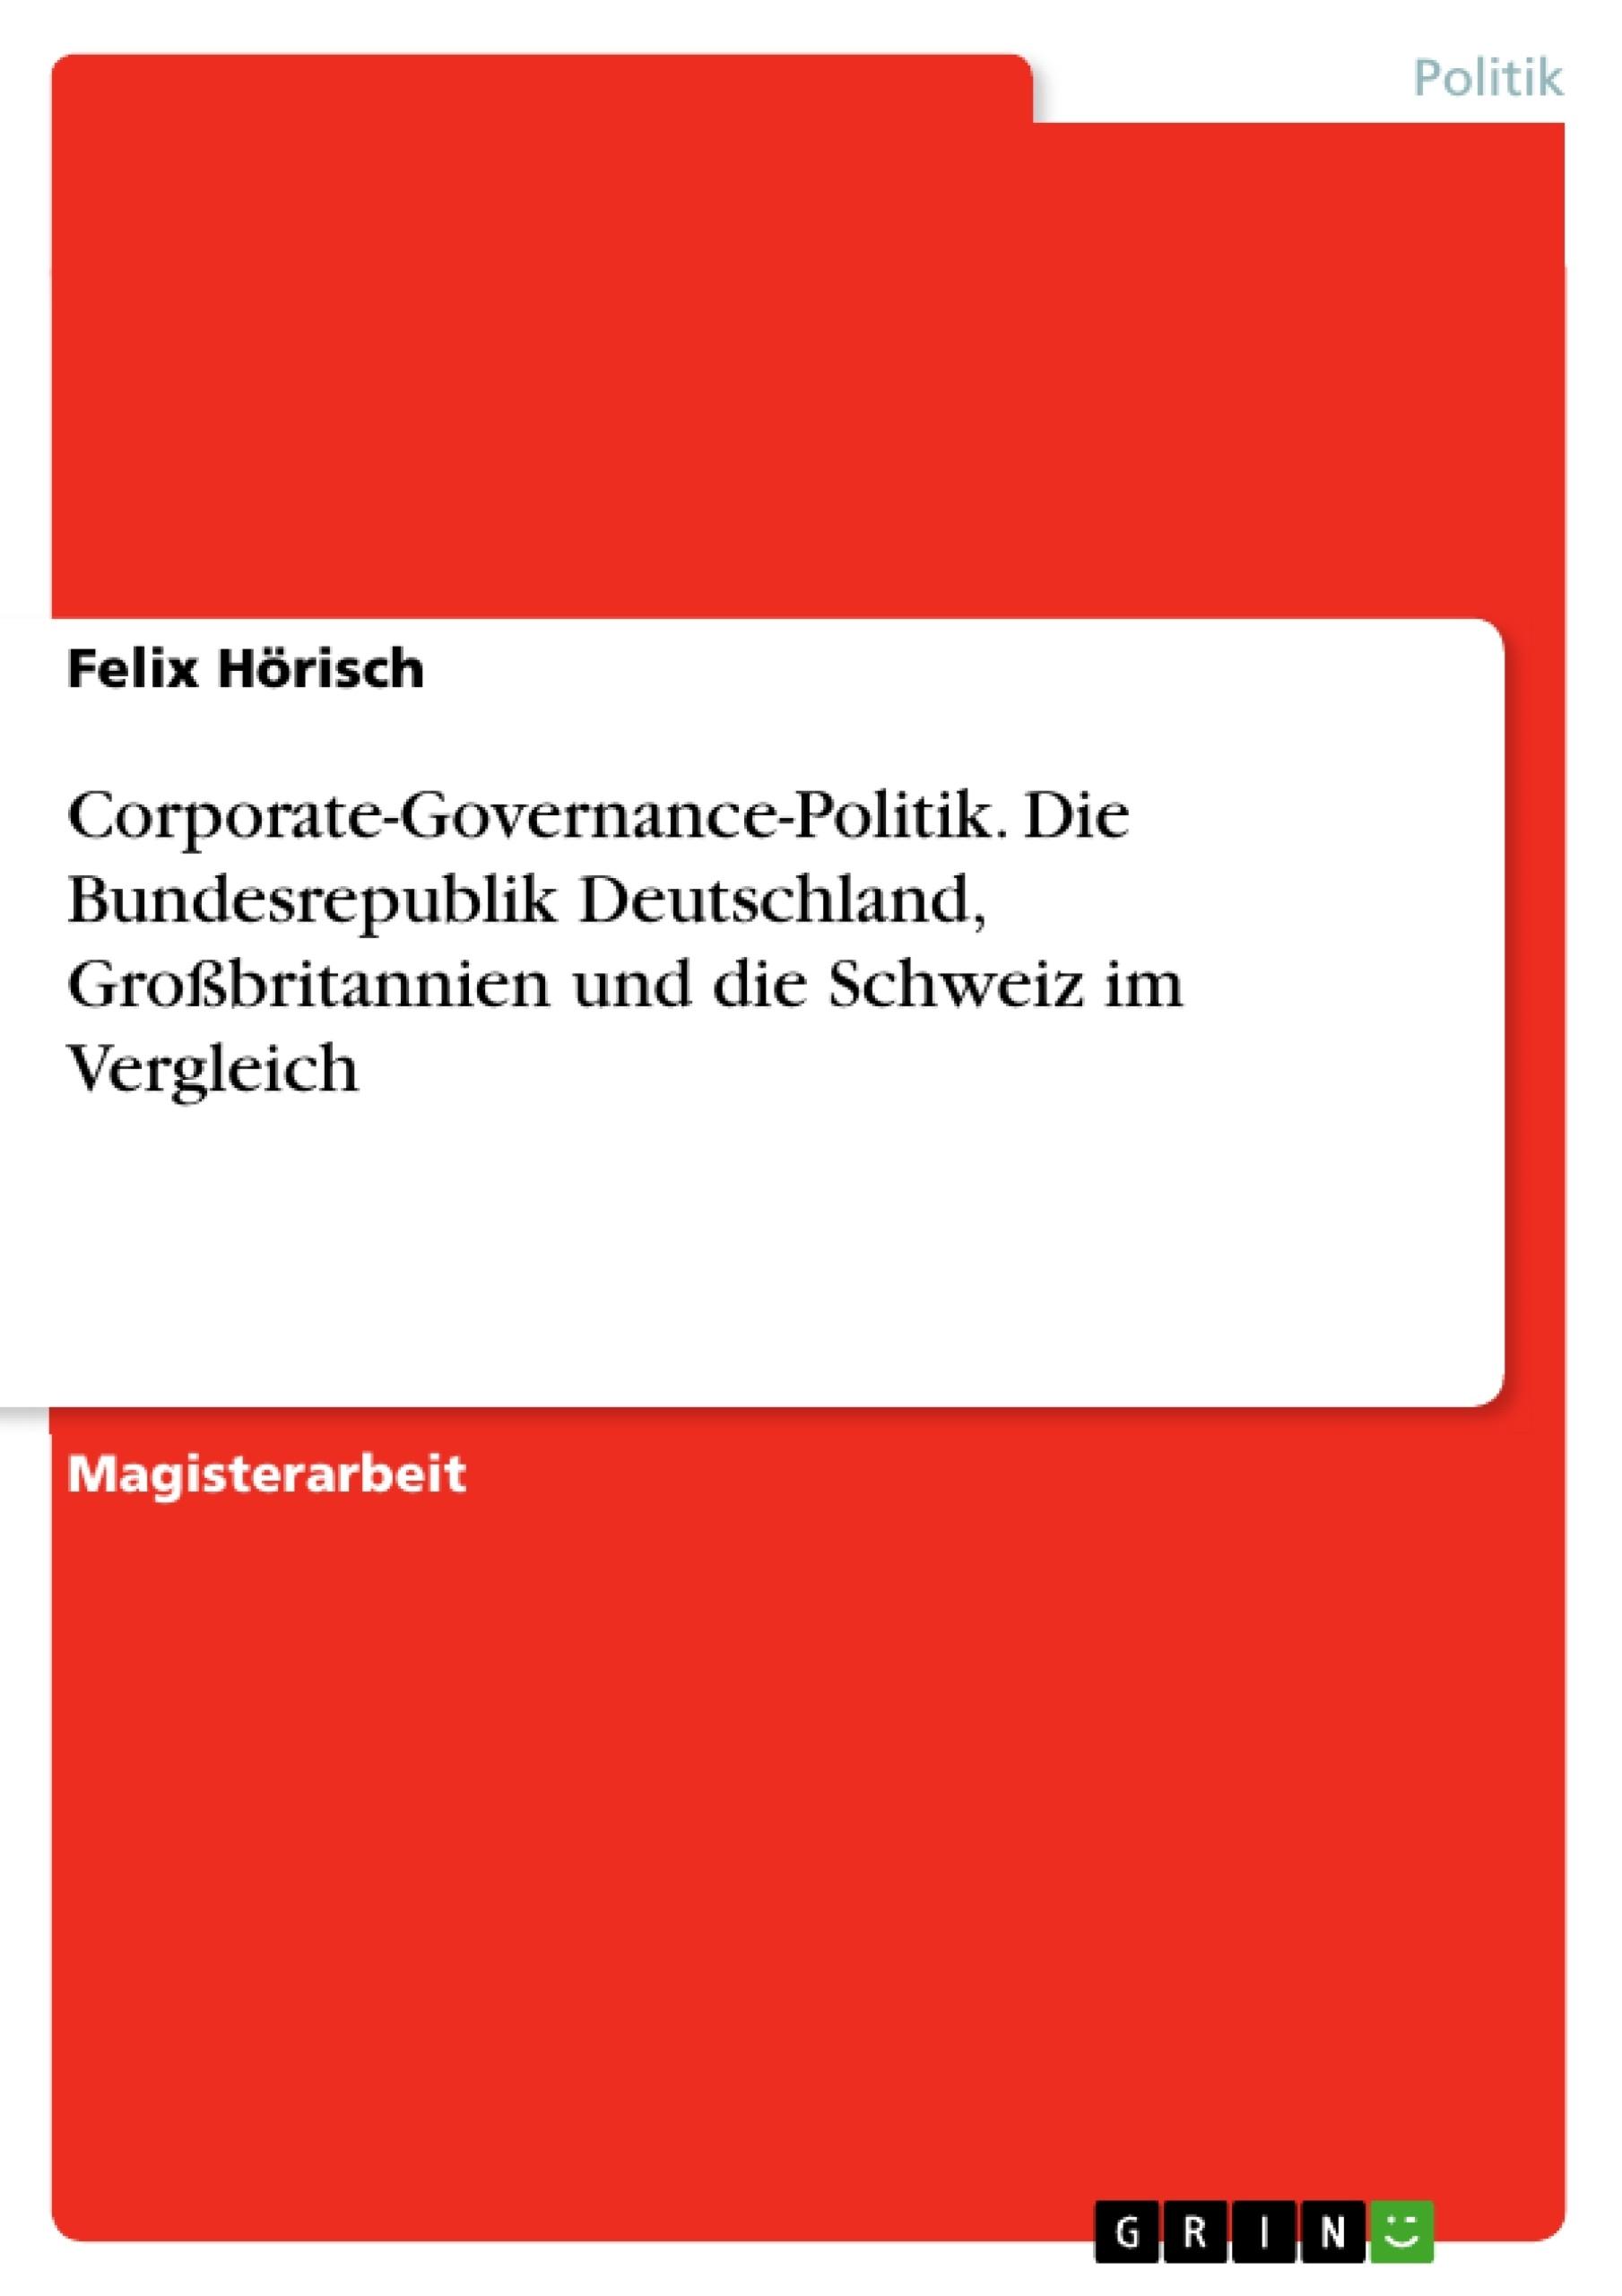 Titel: Corporate-Governance-Politik. Die Bundesrepublik Deutschland, Großbritannien und die Schweiz im Vergleich